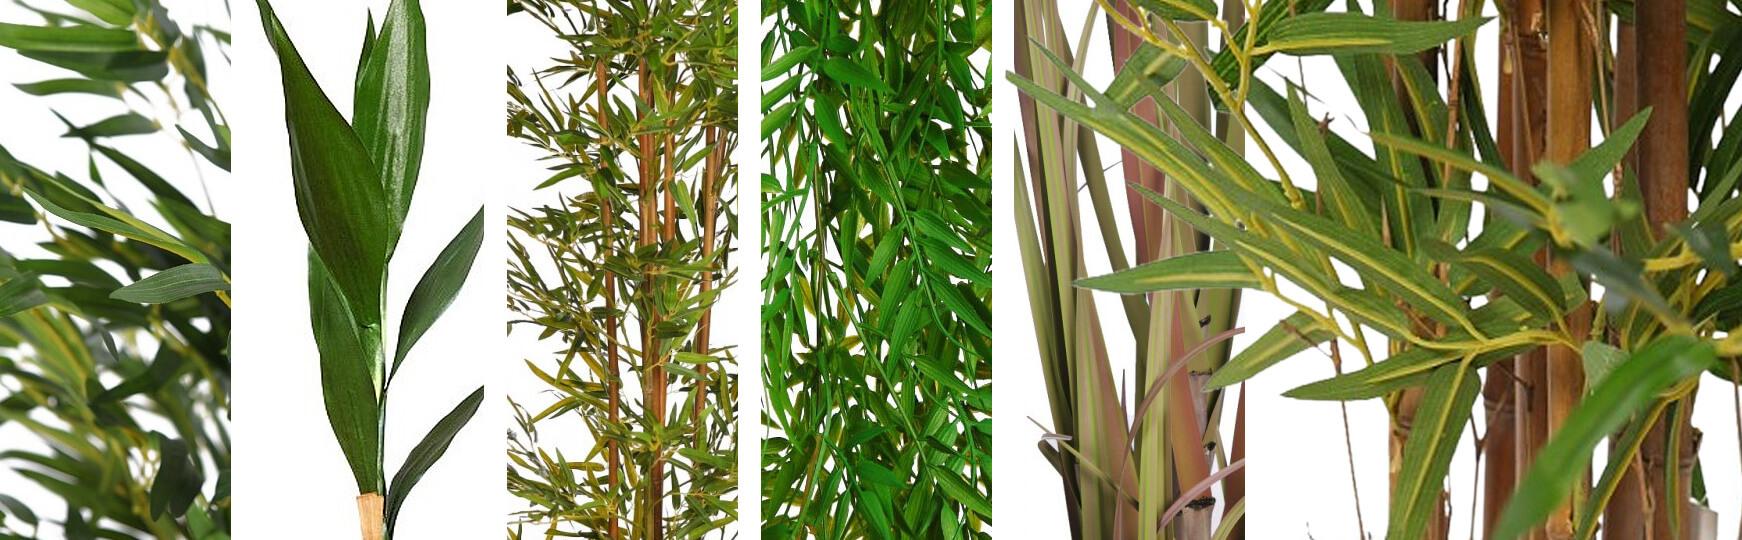 bambú artificial para decoración